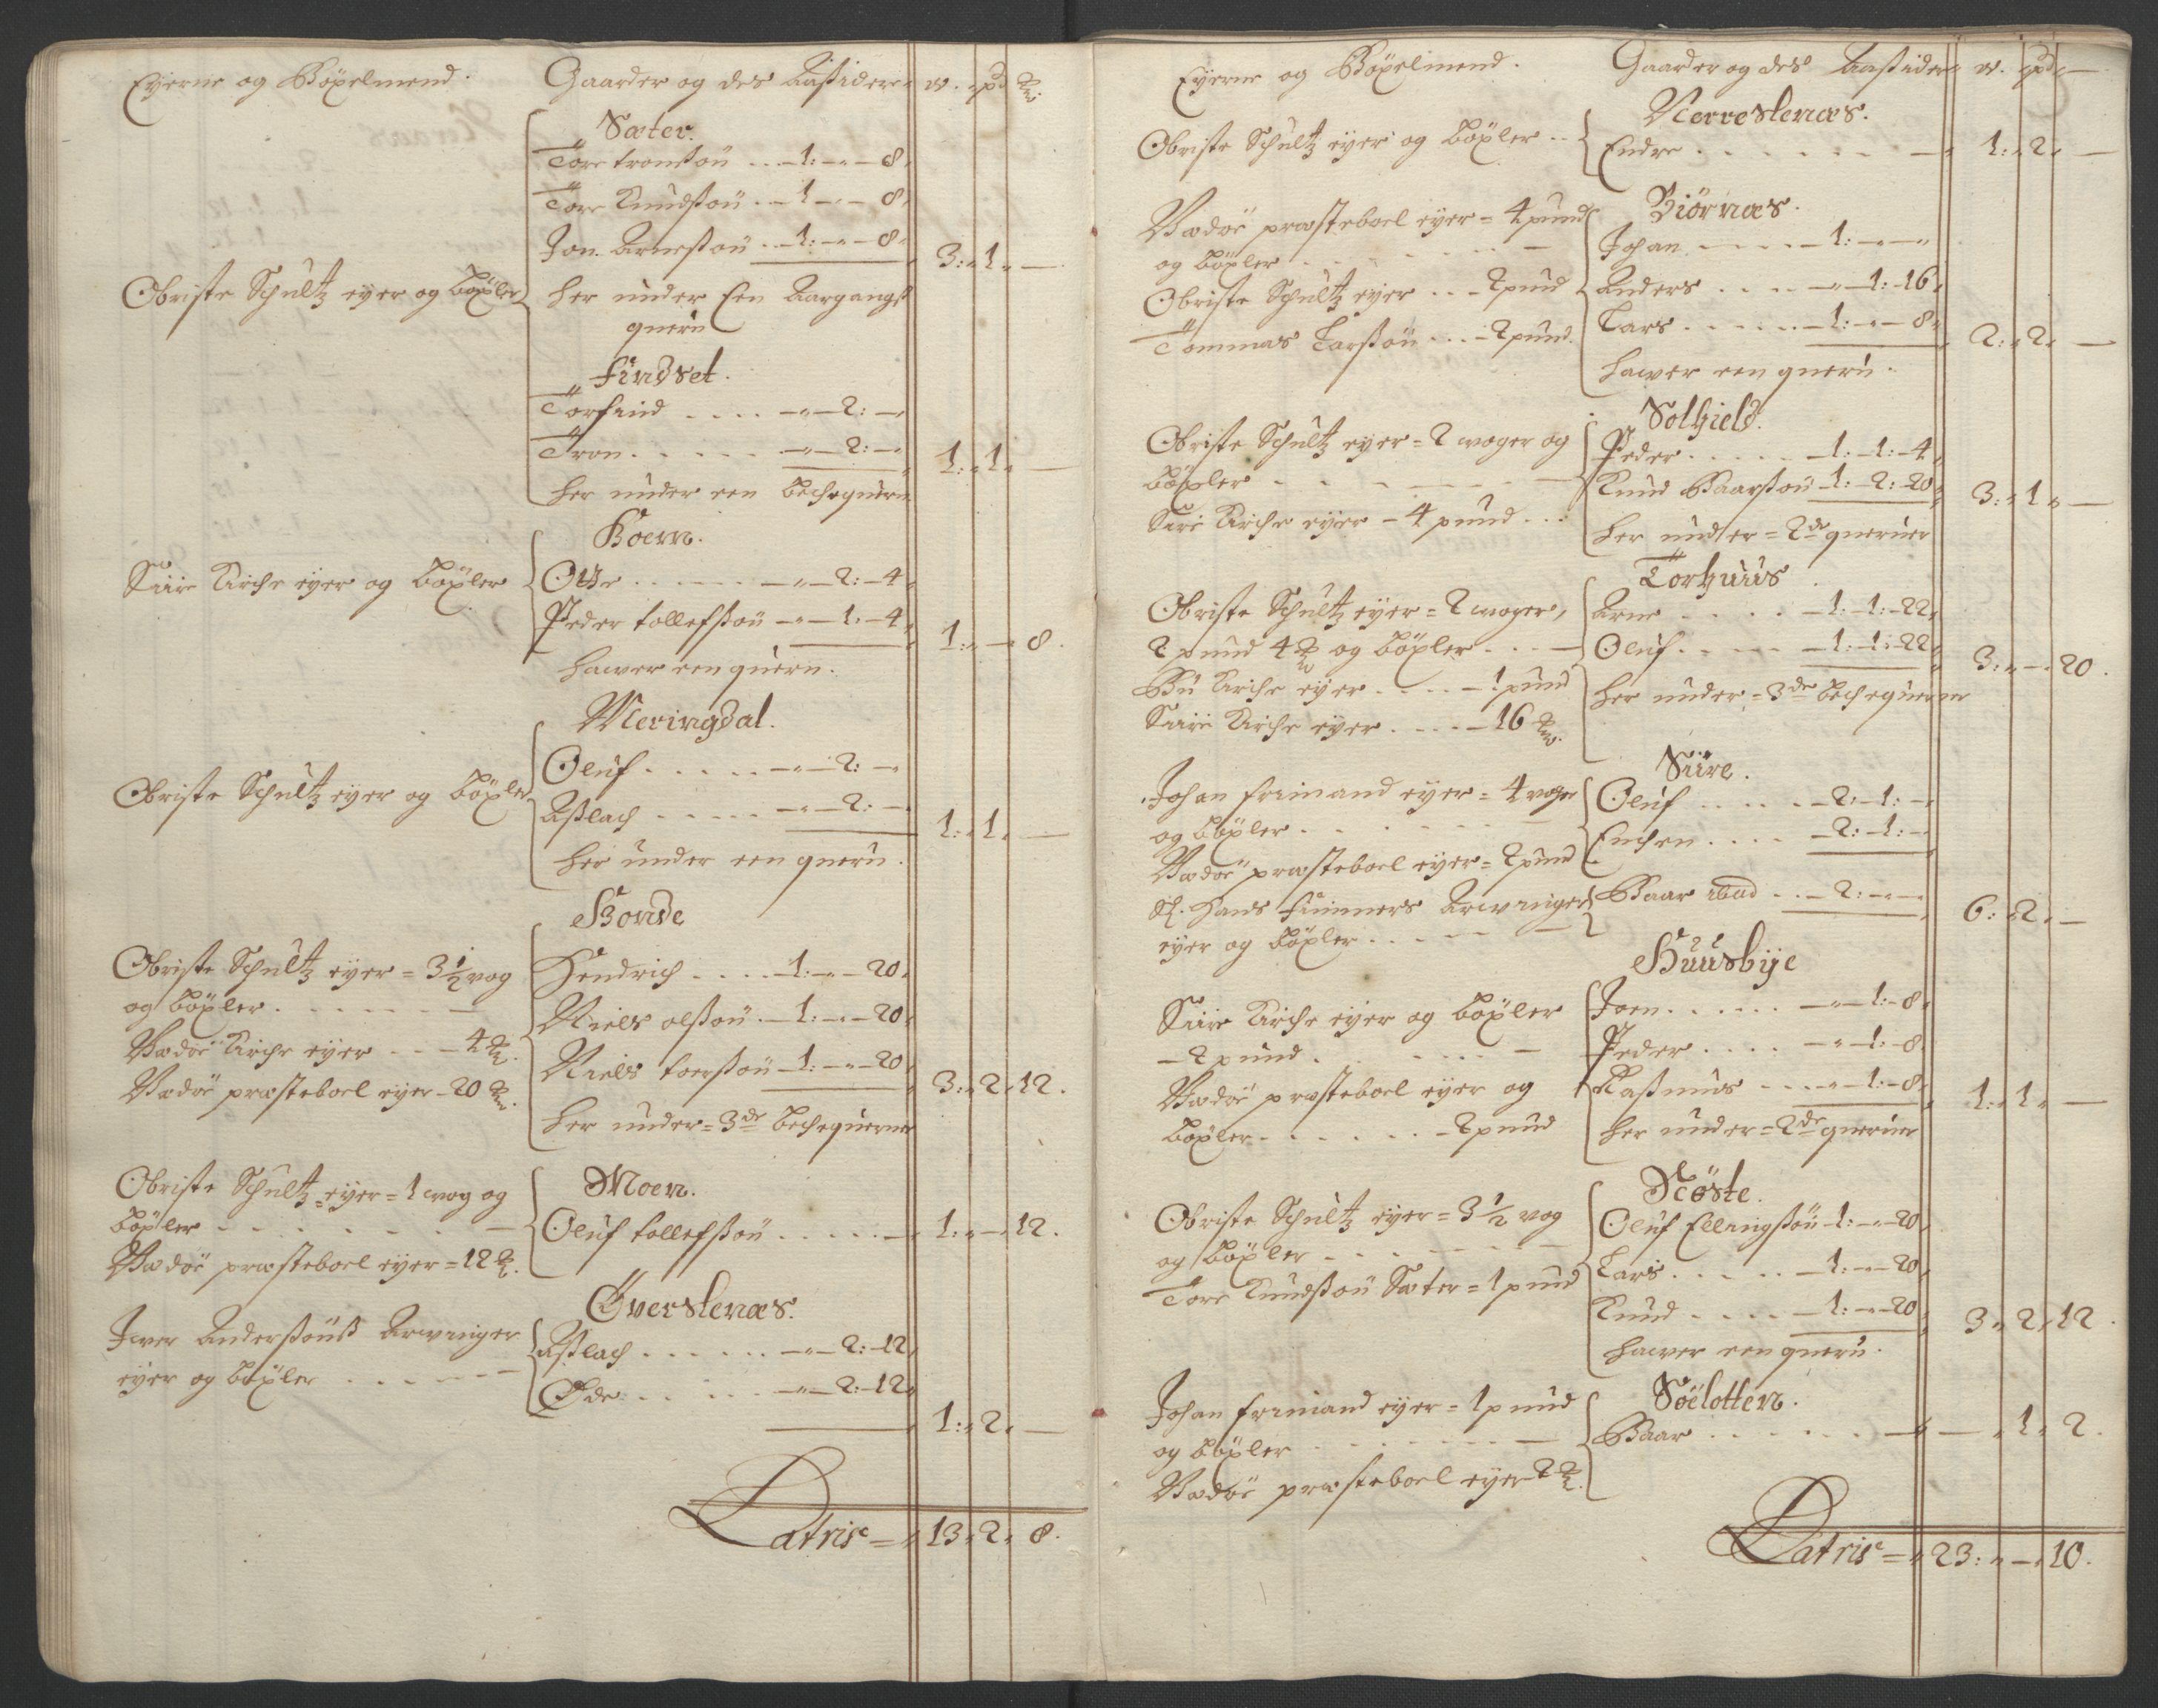 RA, Rentekammeret inntil 1814, Reviderte regnskaper, Fogderegnskap, R55/L3649: Fogderegnskap Romsdal, 1690-1691, s. 21